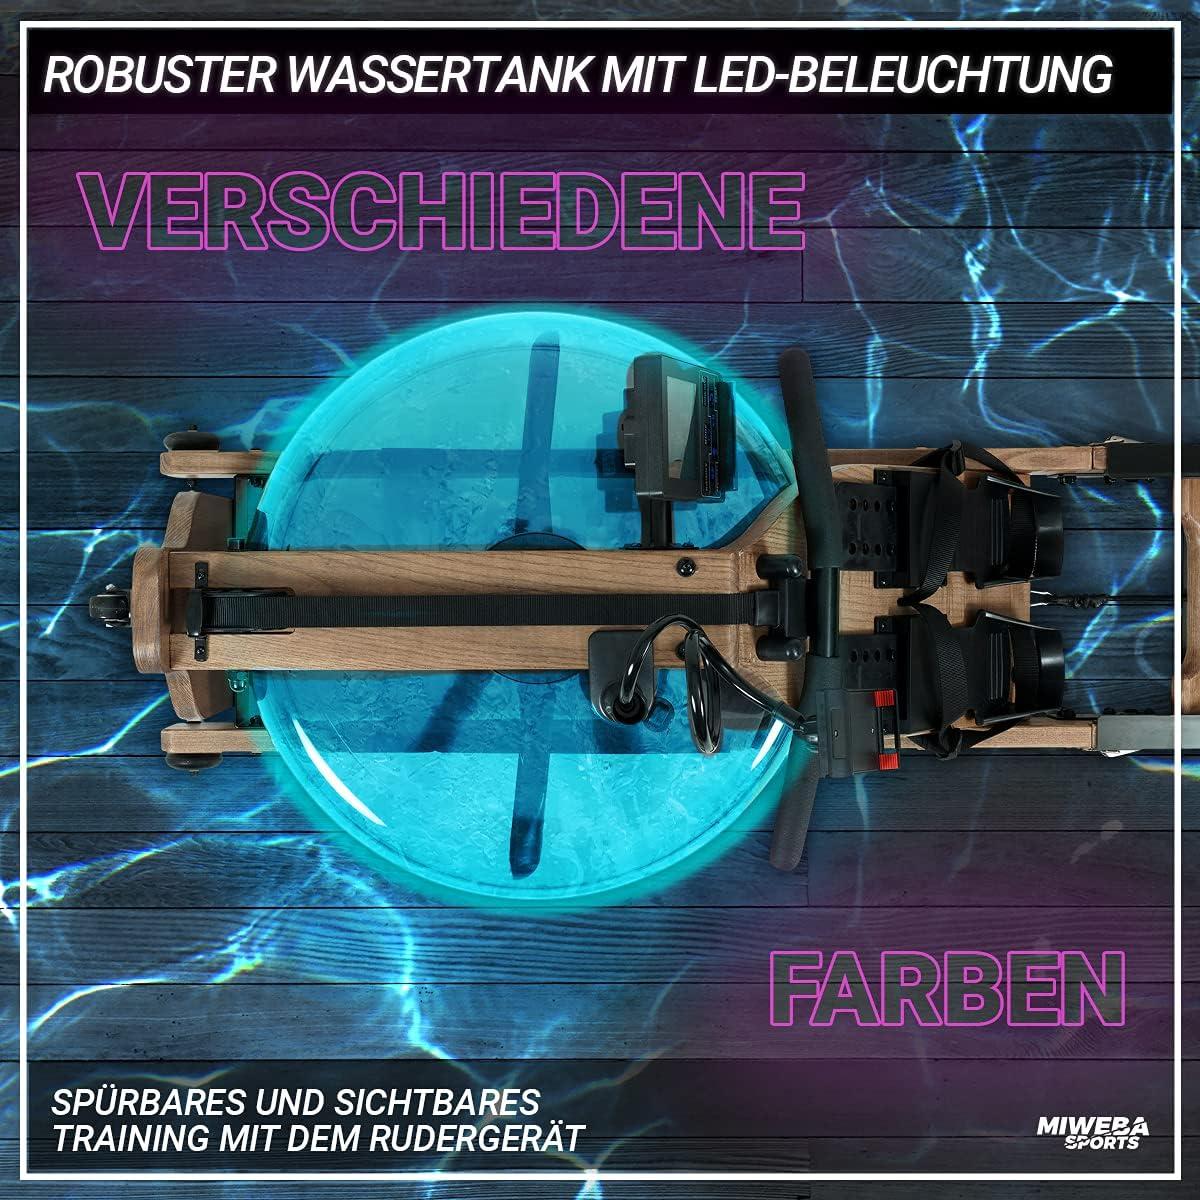 Miweba Sports WR700 Rudergerät Wassertank beleuchtet